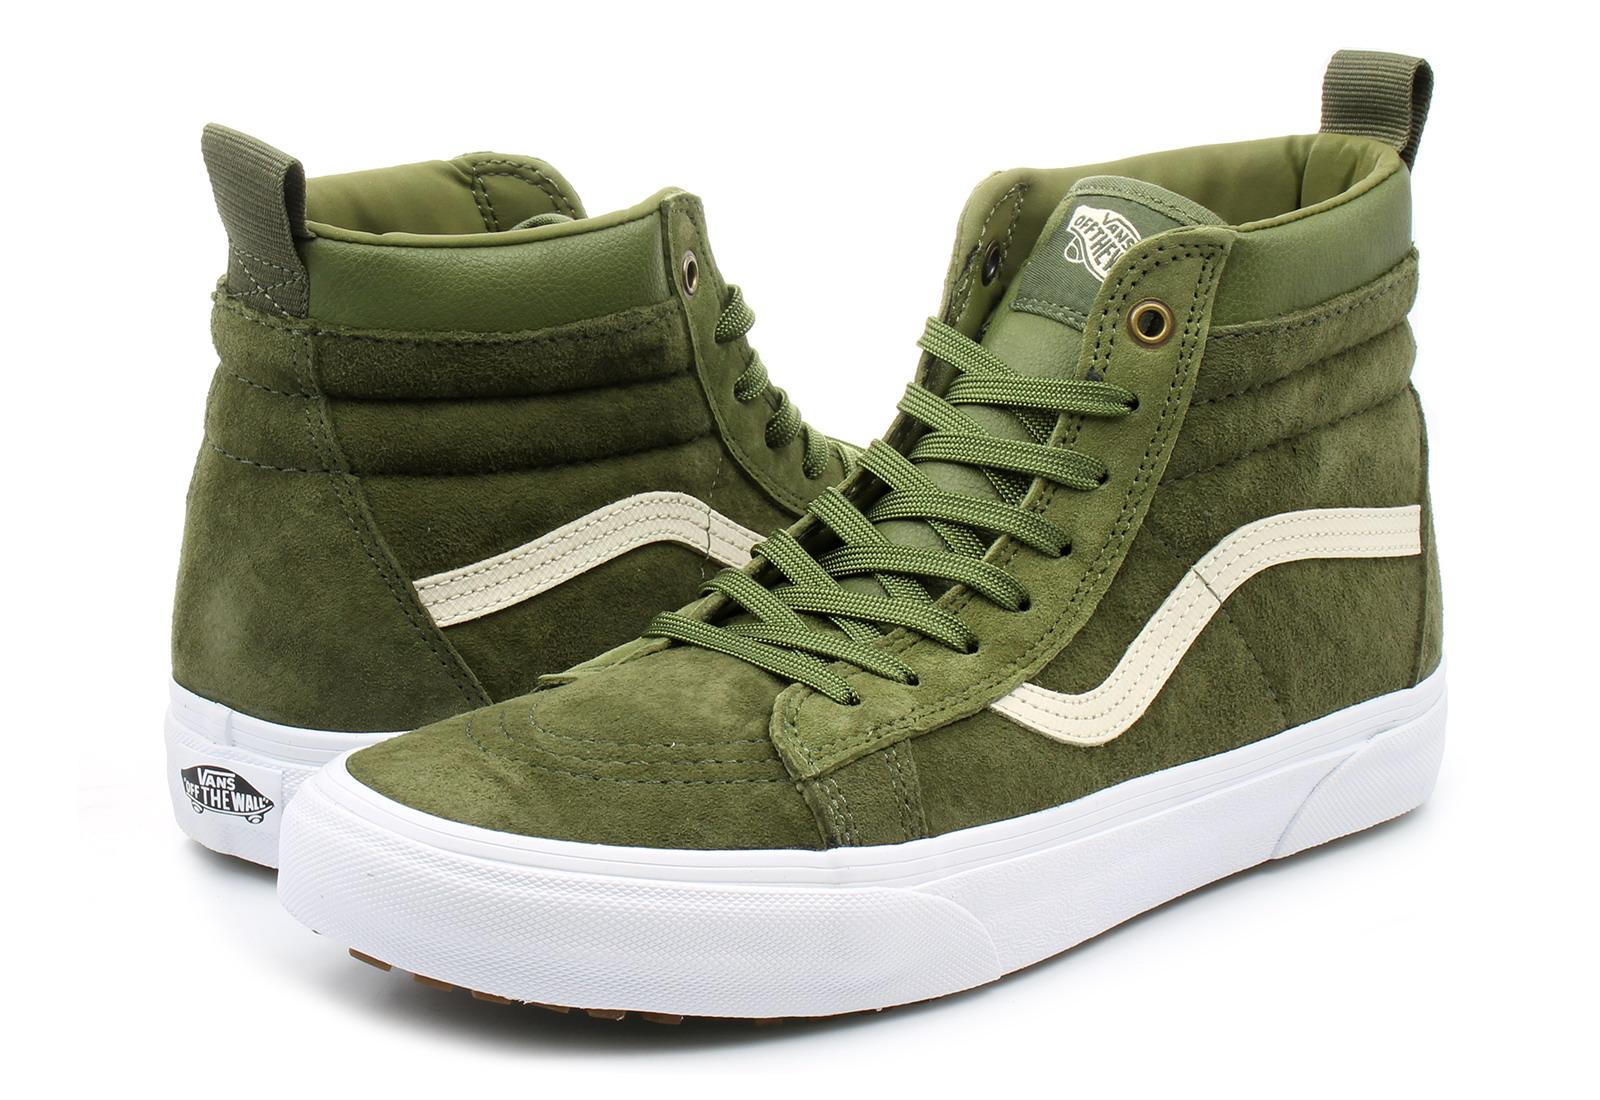 6cb3c30cf8 Vans Sneakers - Sk8-hi Mte - VA33TXRJ5 - Online shop for sneakers ...